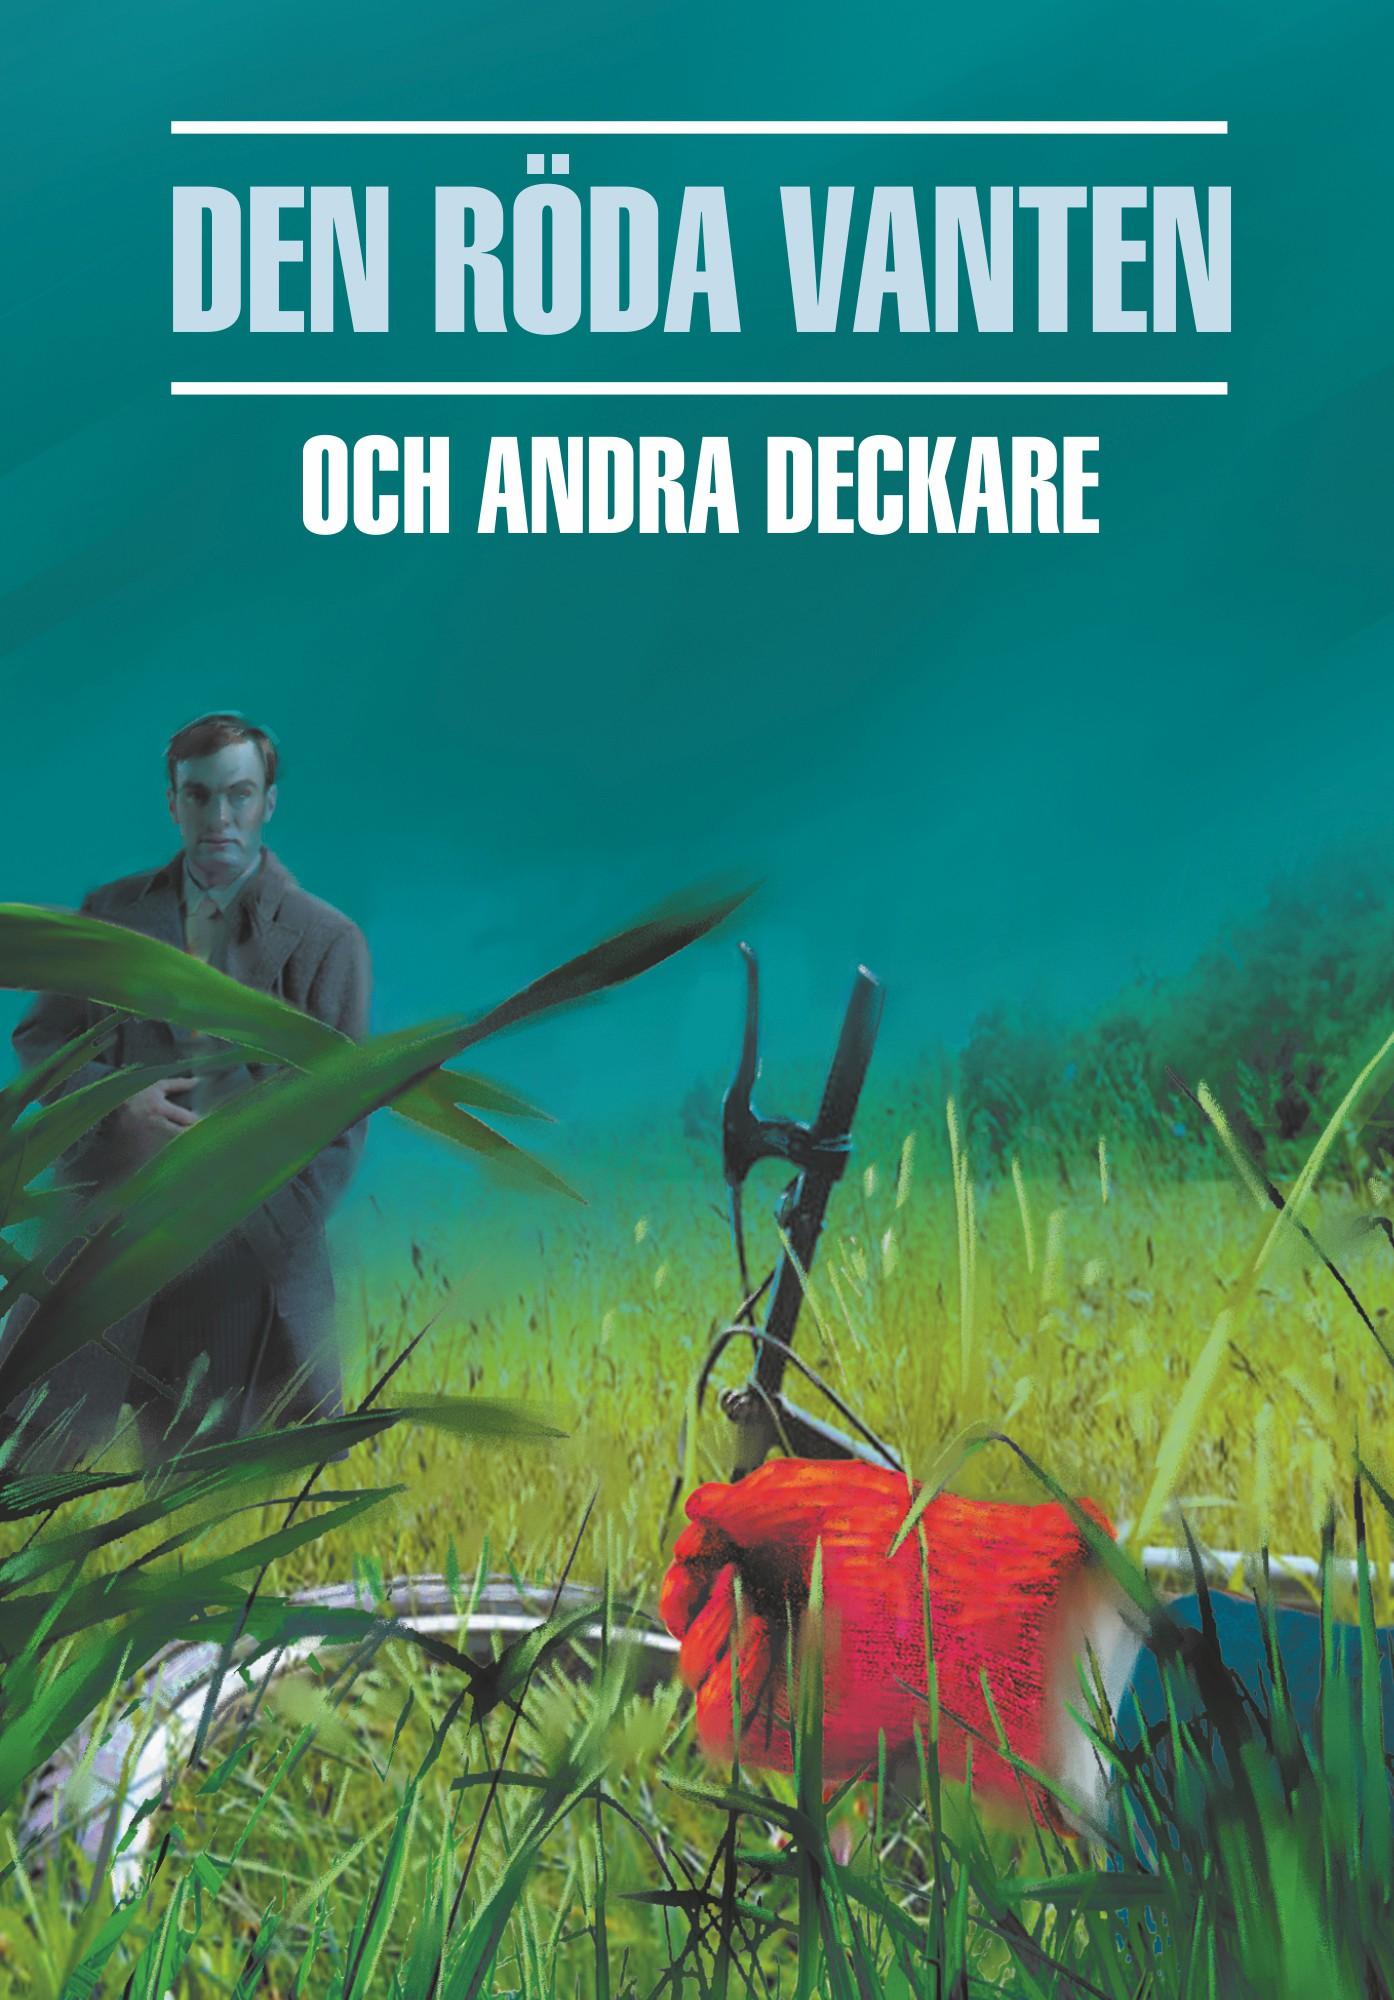 Красная перчатка. Сборник шведских детективных рассказов. Книга для чтения на шведском языке